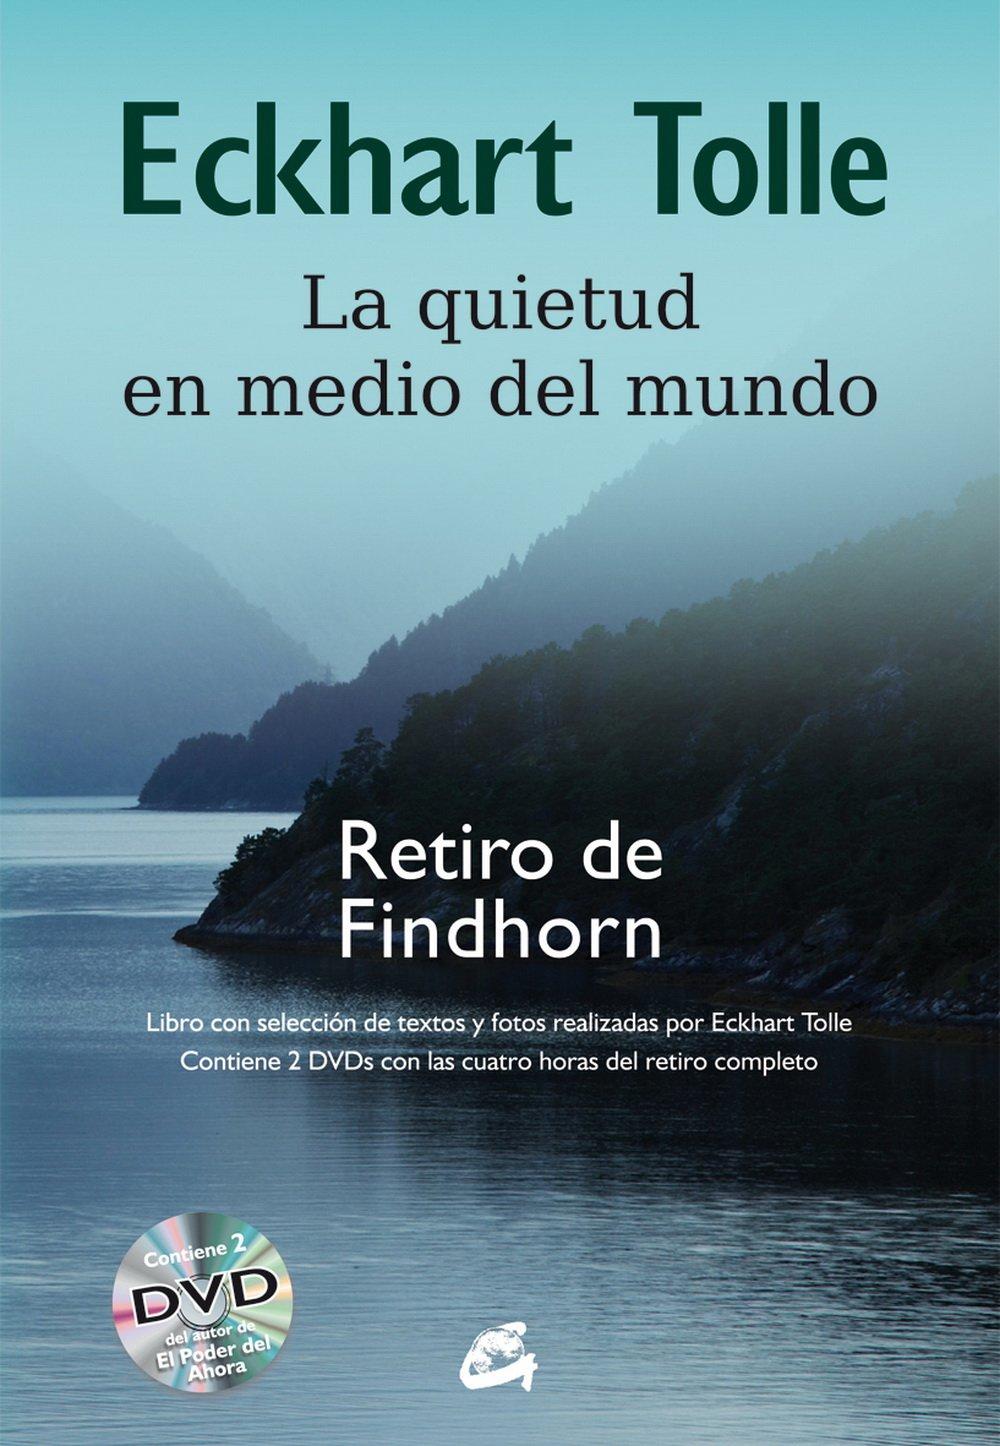 La Quietud En Medio Del Mundo (Espiritualidad): Amazon.es: Eckhart Tolle,  Miguel Iribarren Berrade: Libros